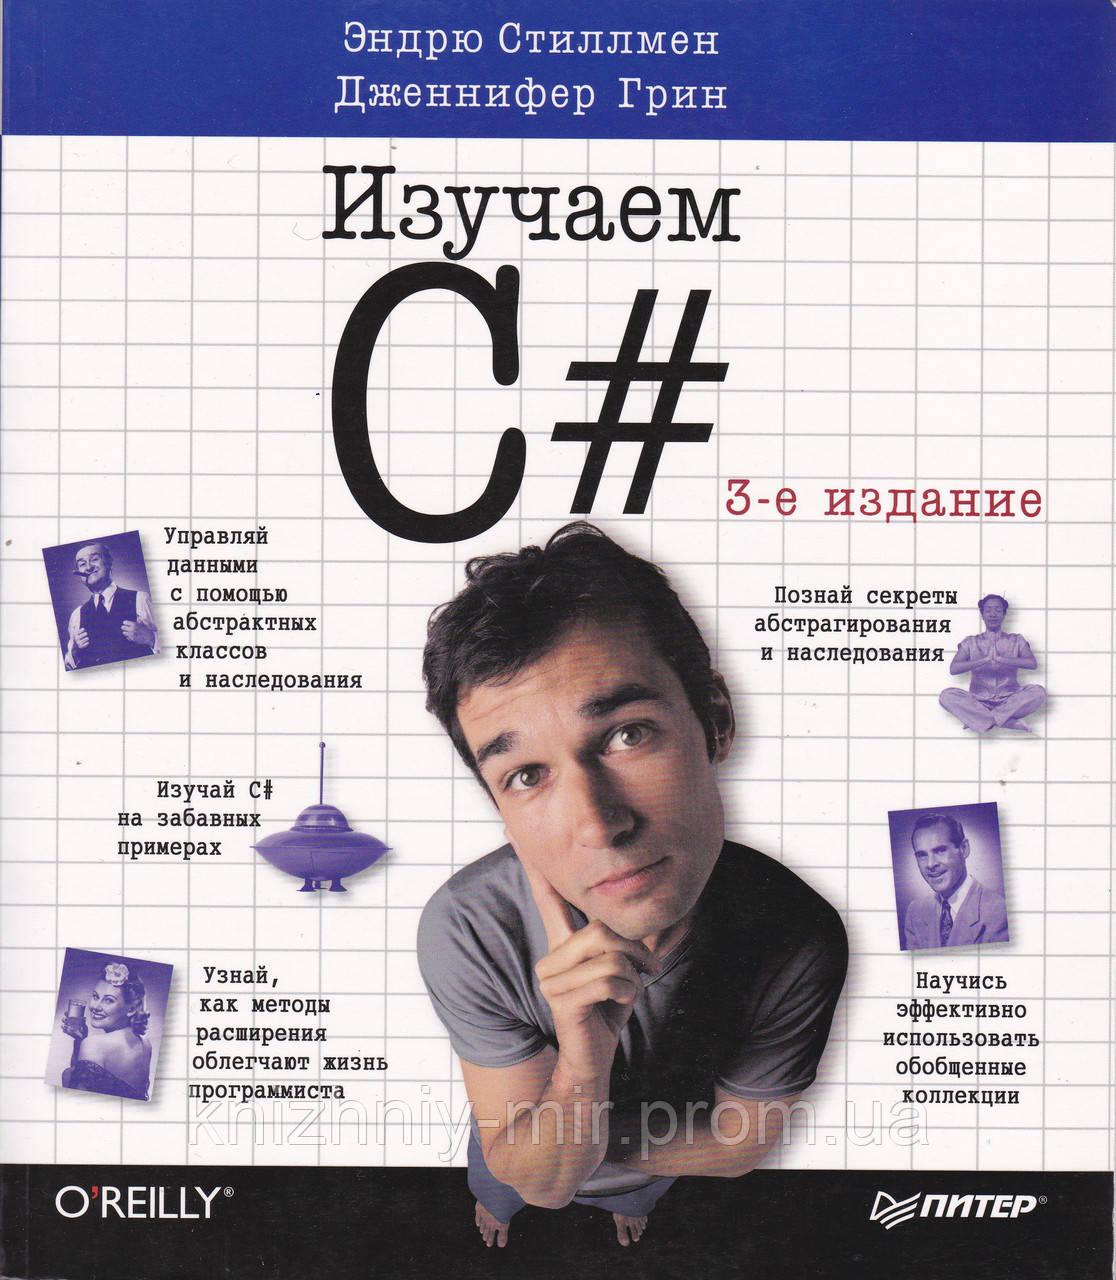 Стиллмен ИЗУЧАЕМ C#. 3-Е ИЗД. ВКЛЮЧАЯ C# 5.0, VISUAL STUDIO 2012 И .NET 4.5 FRAMEWORK